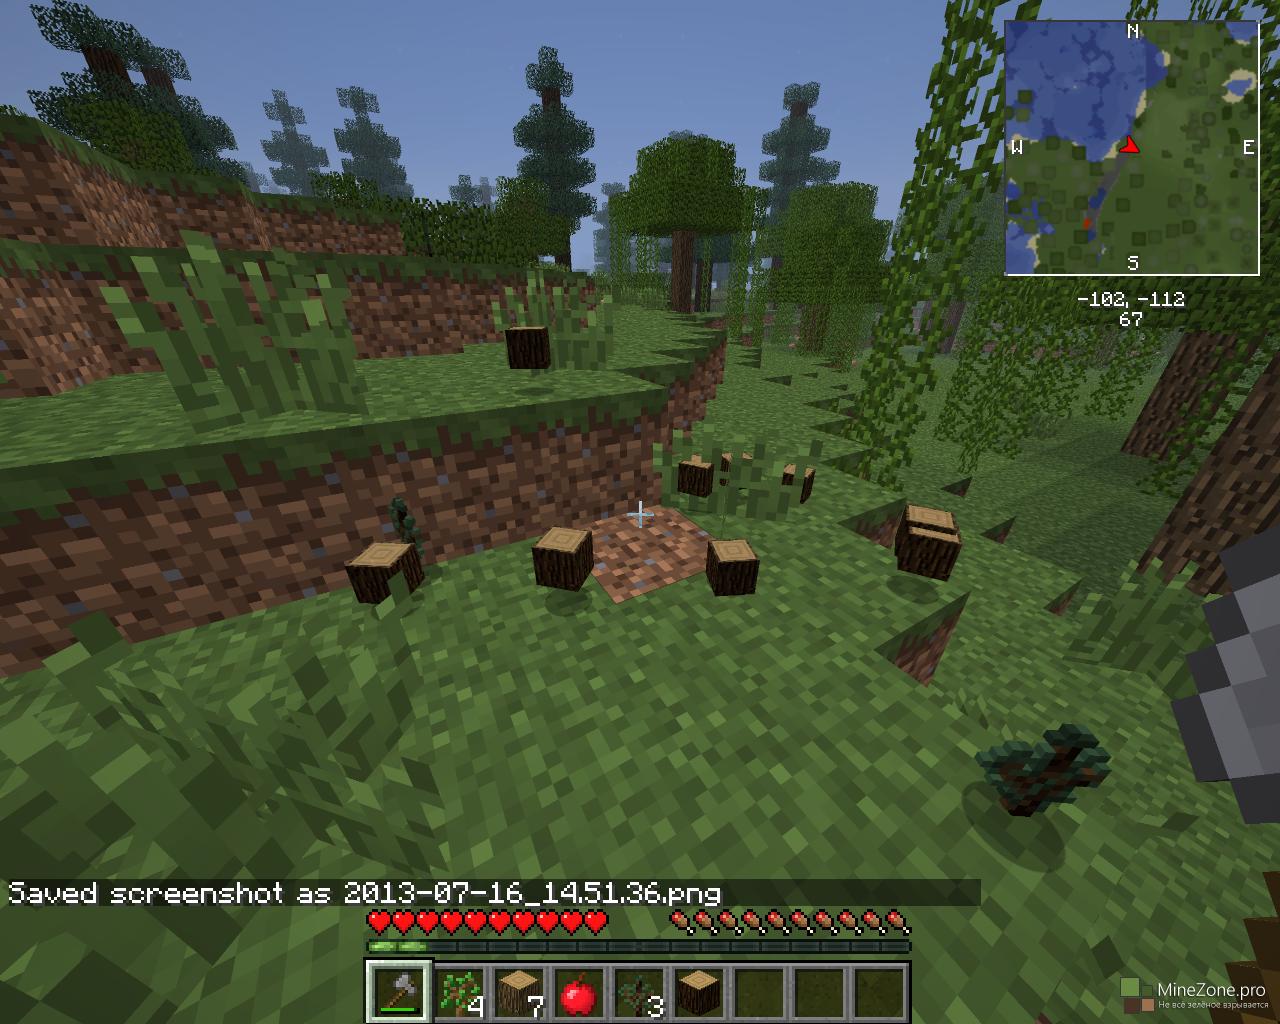 Скачать мод BspkrsCore для Minecraft 1.5.2 бесплатно ...